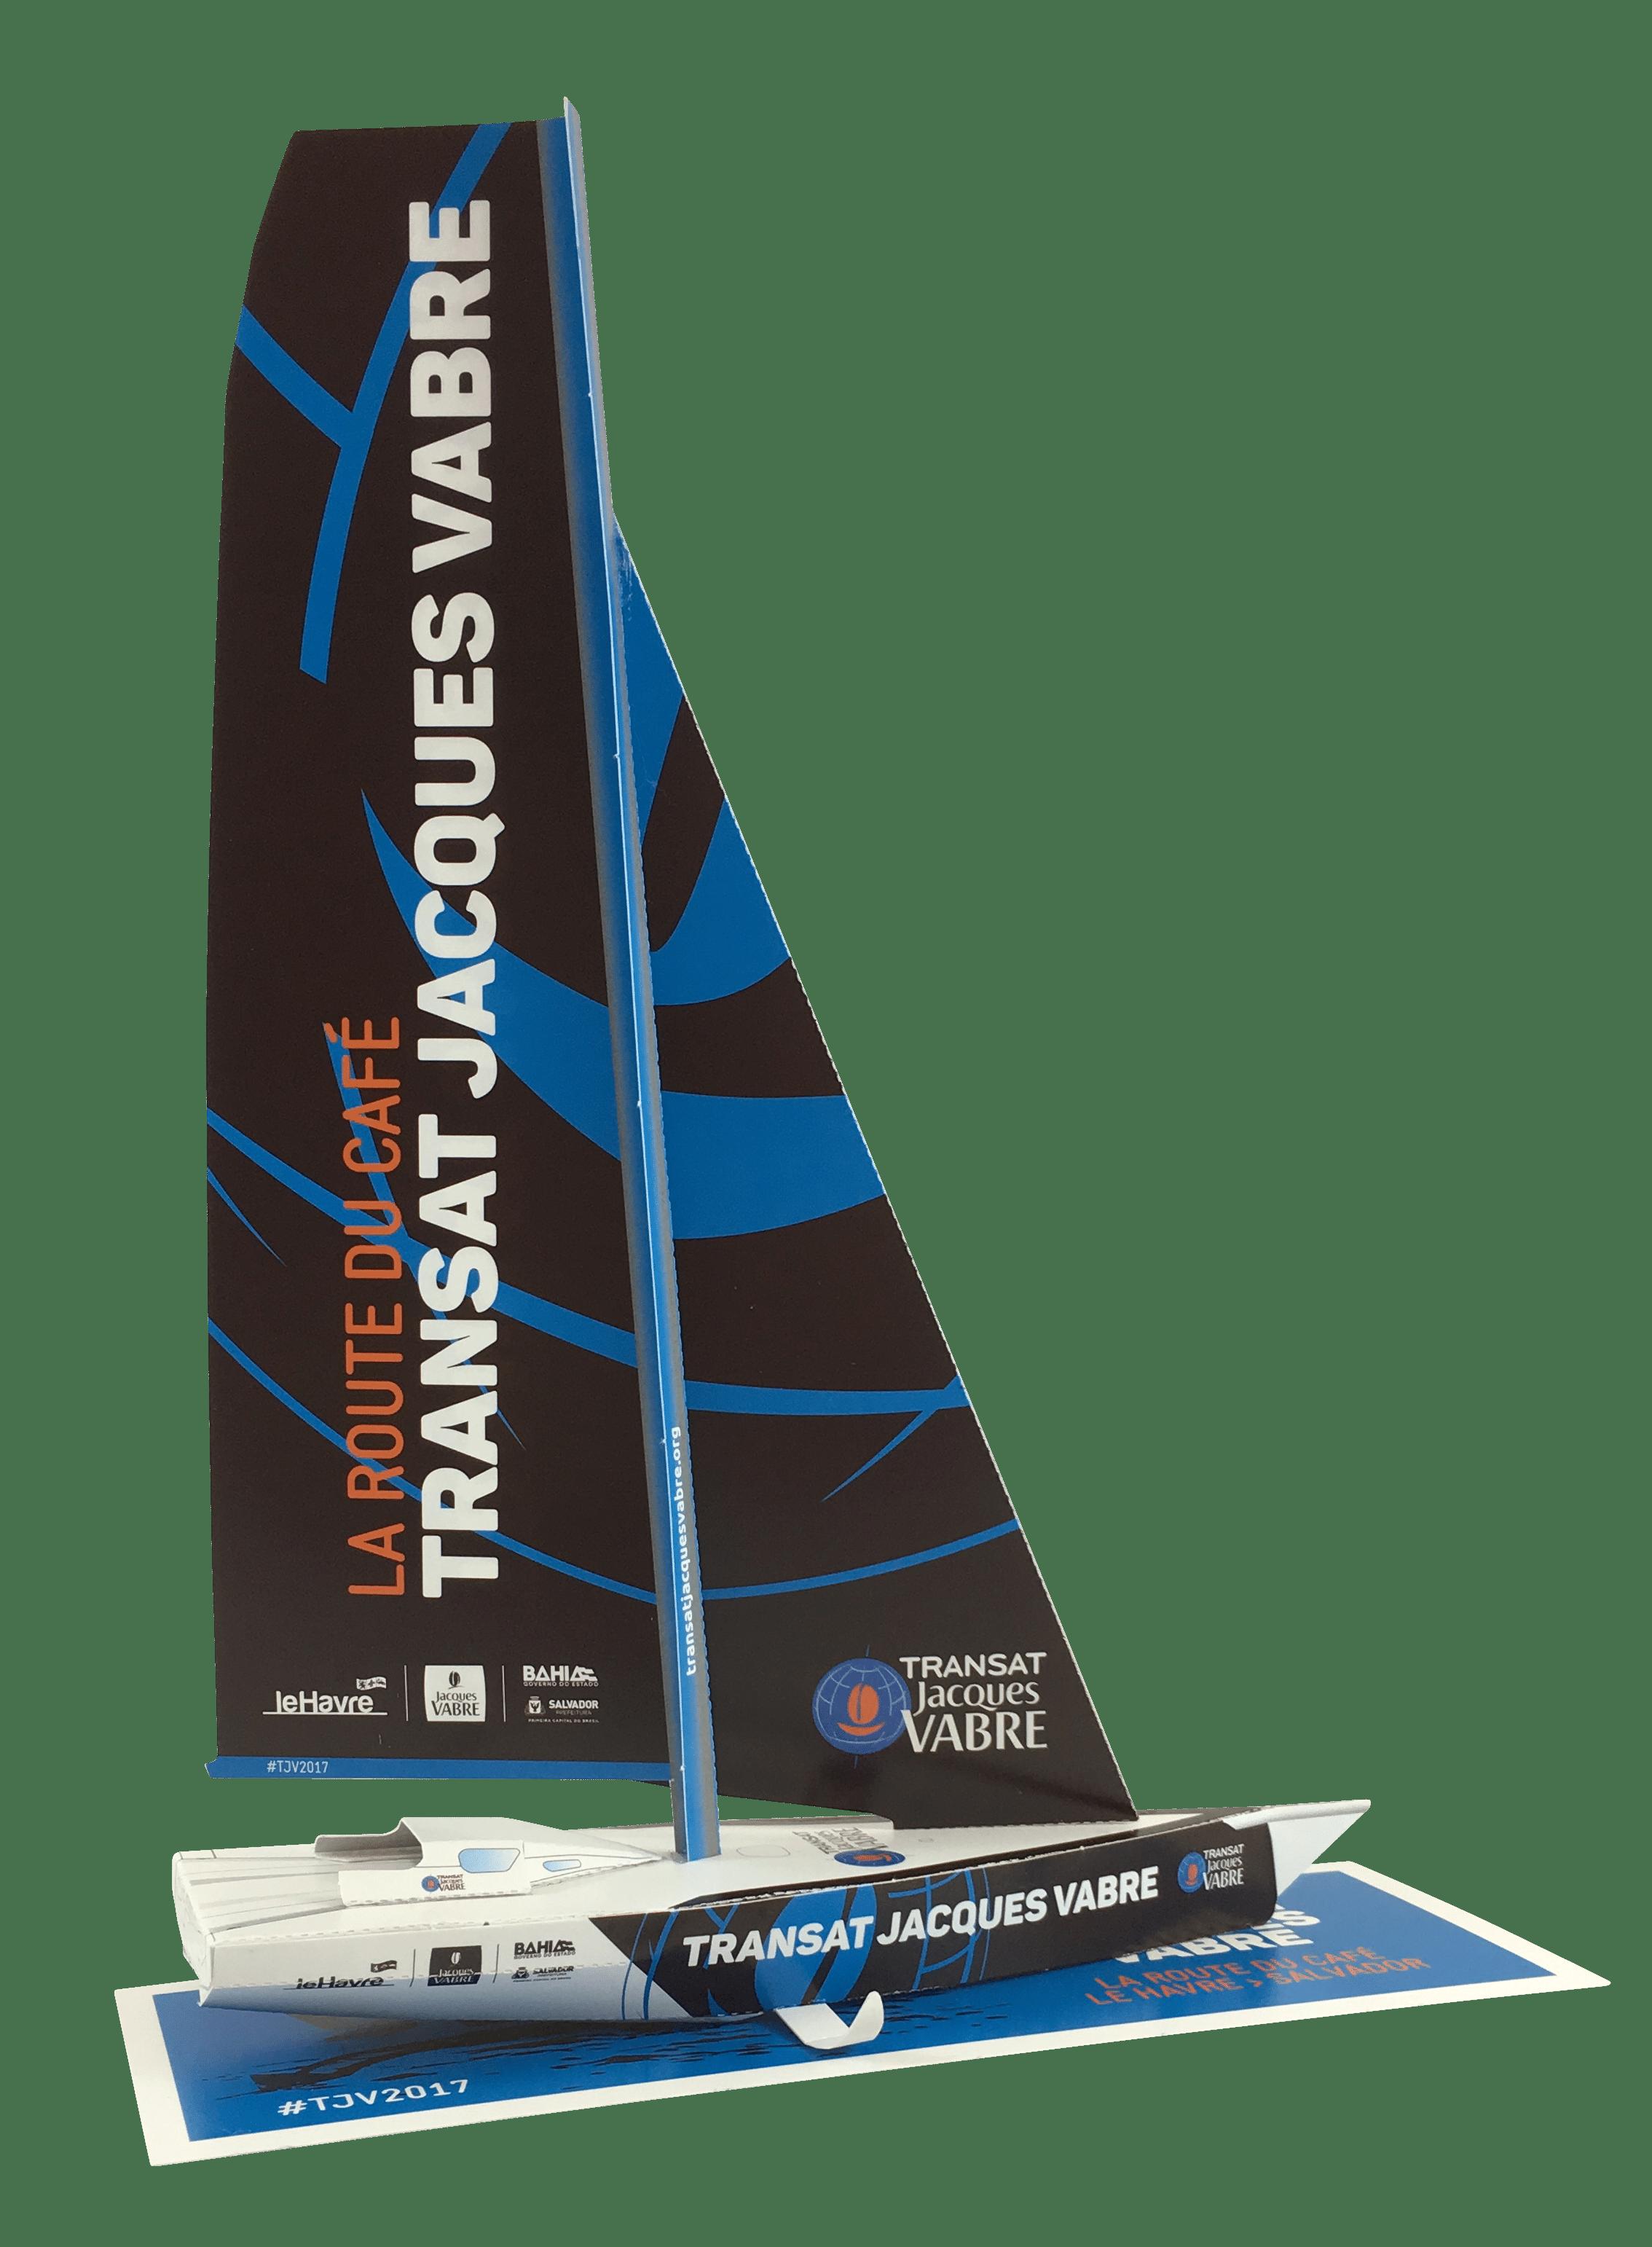 IMG_3981.png - Maquette en papier de la Transat Jacques Vabre 2017